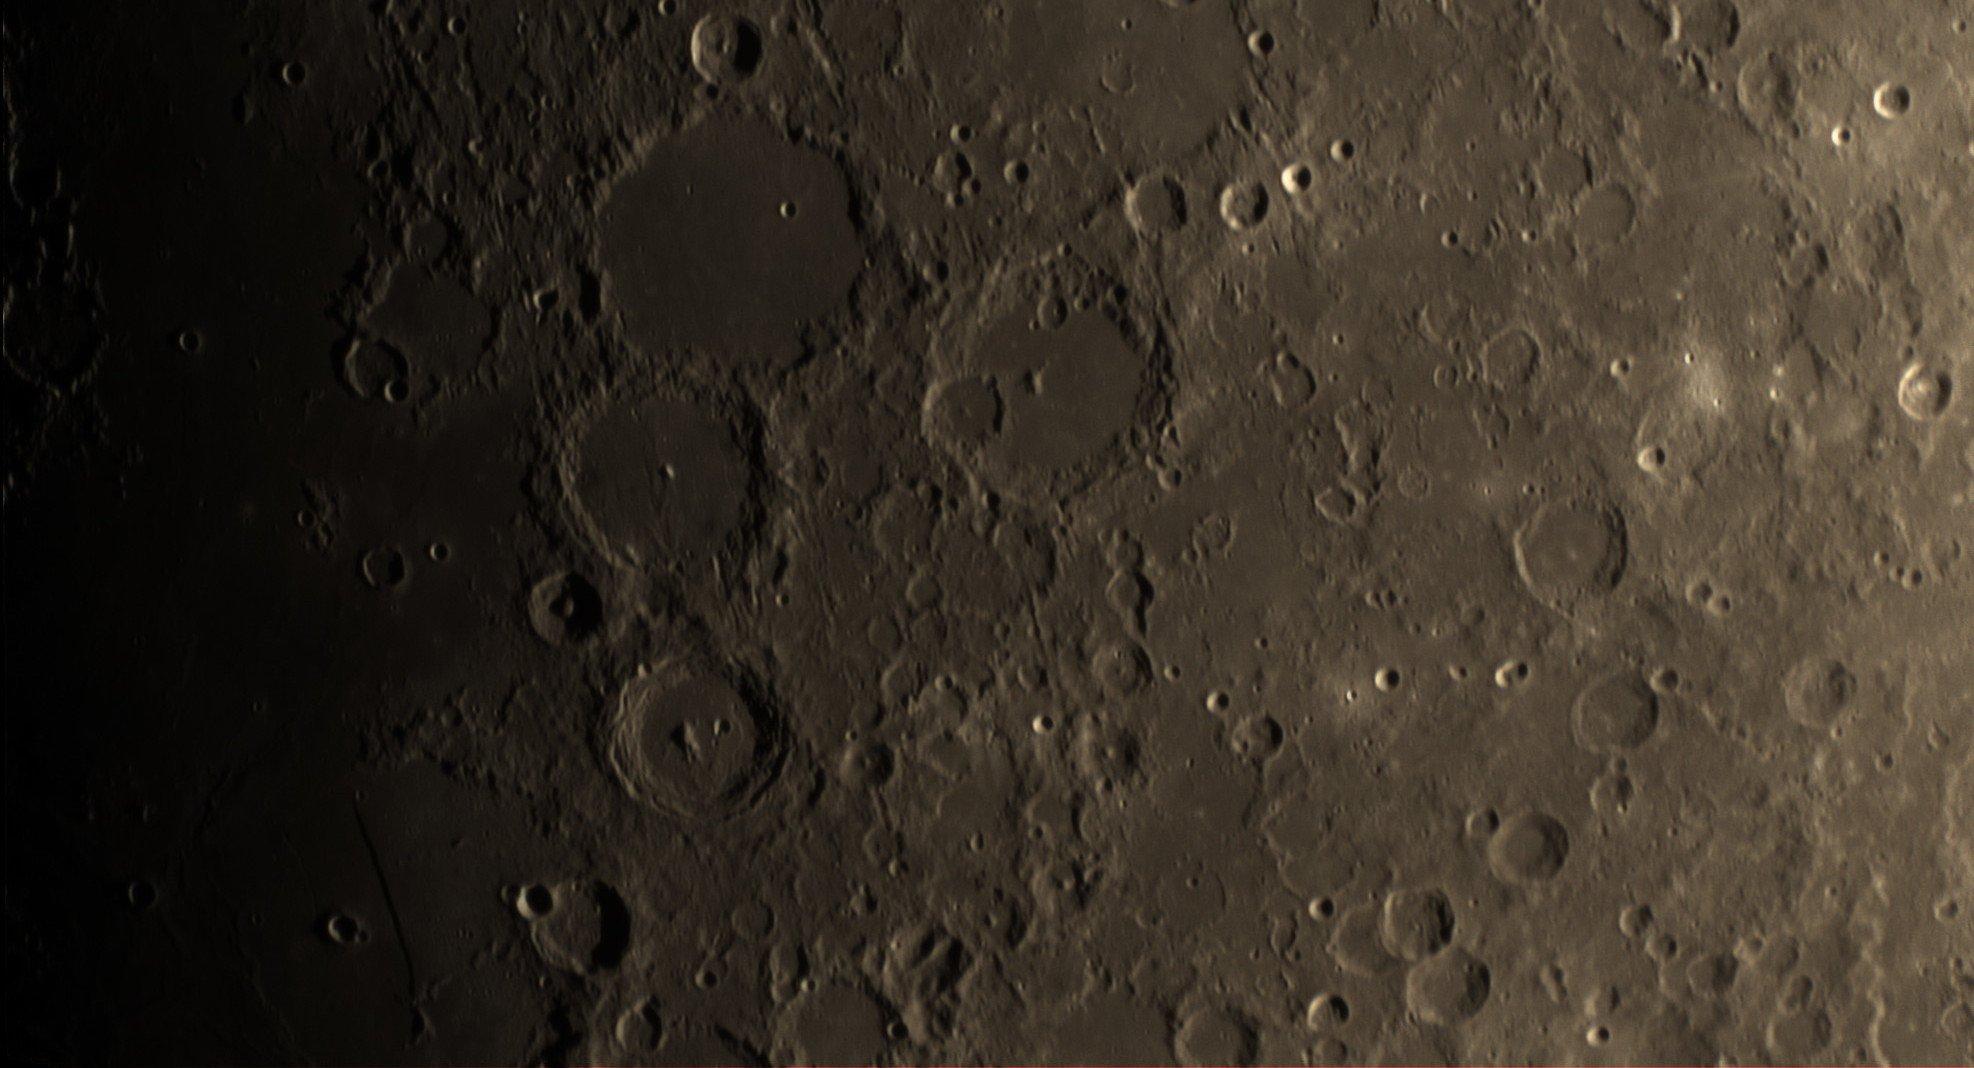 2021-08-16-2013 7-Moon Lapl5 Ap6 Conv 1